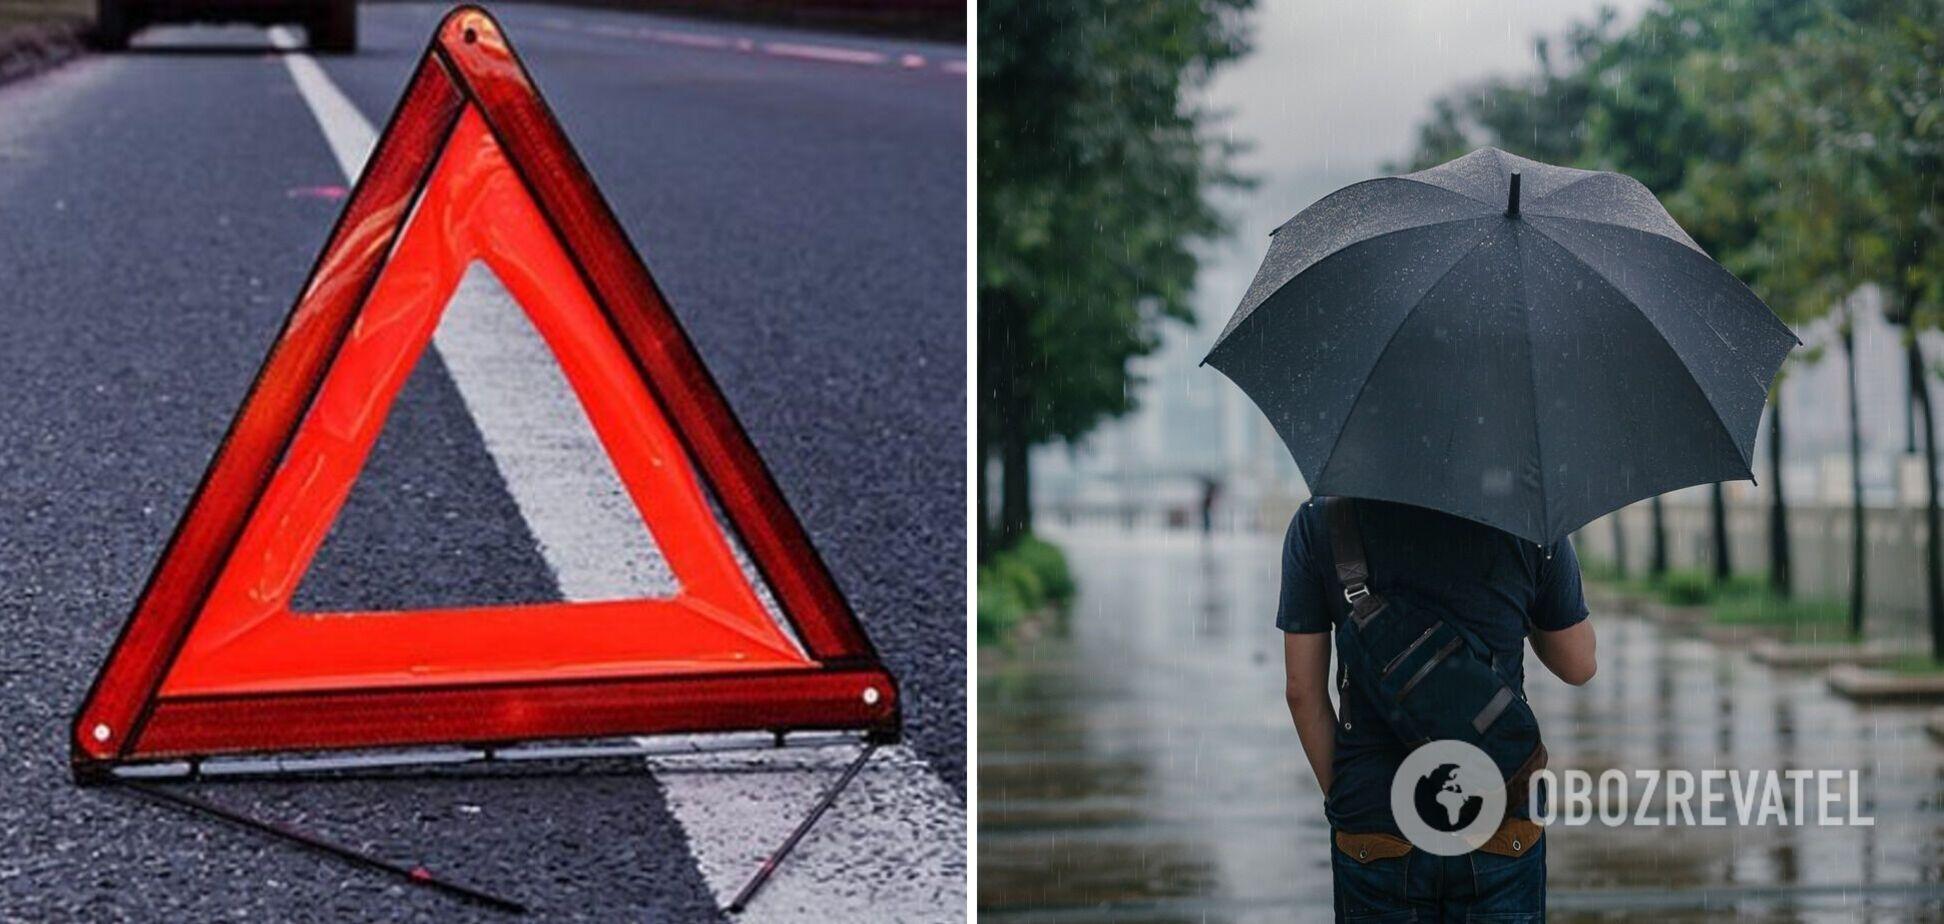 Під Одесою сталася ДТП, а синоптики попередили про дощ